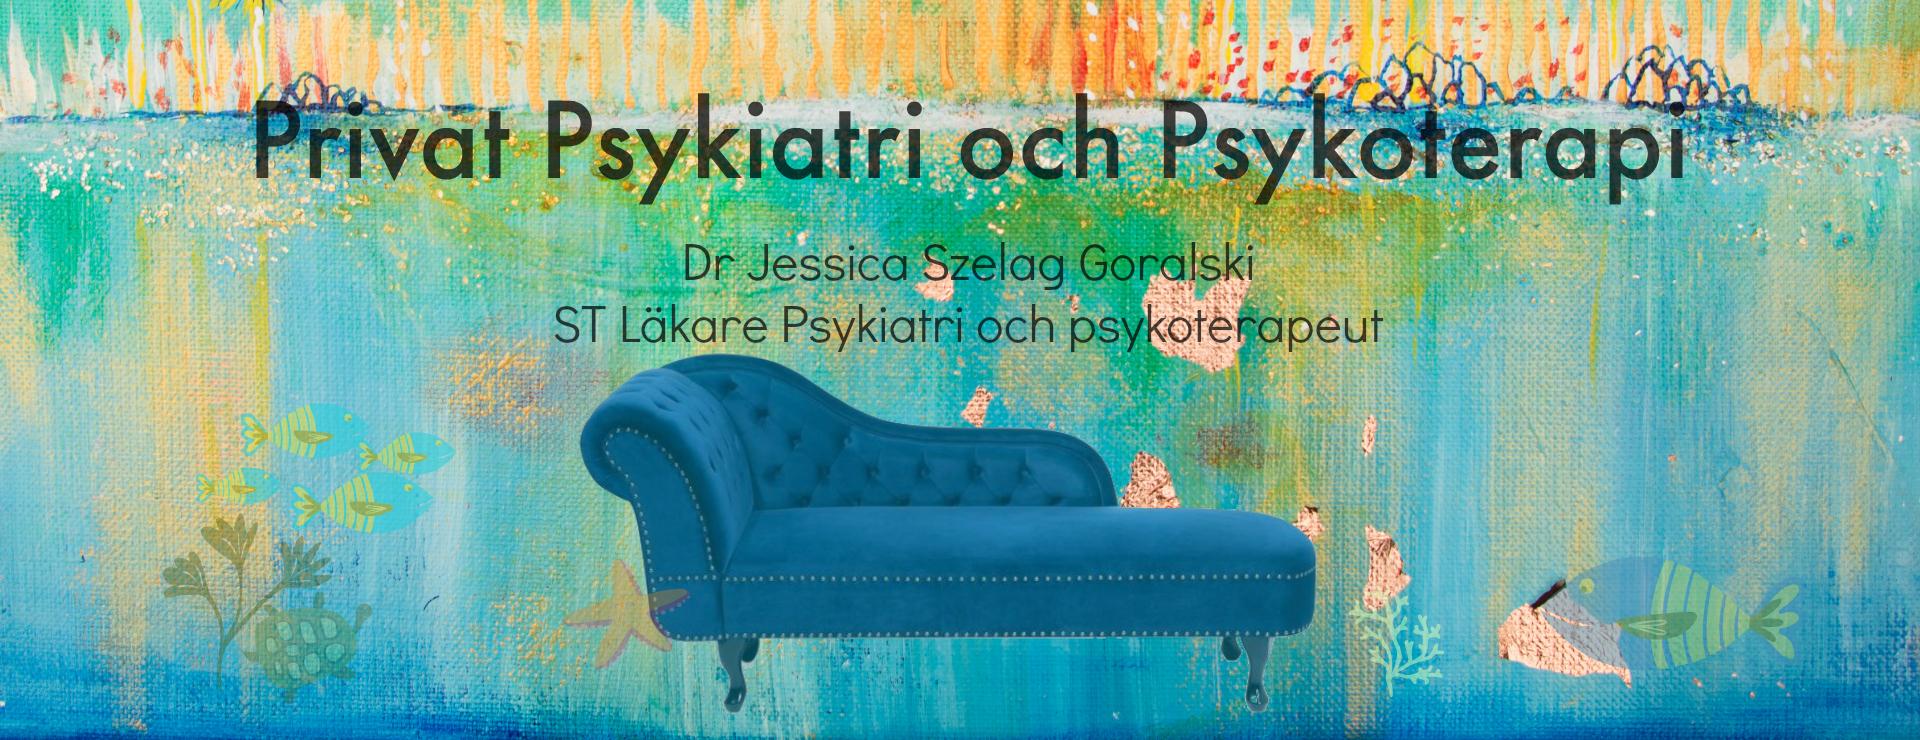 JessicaGoralski.com